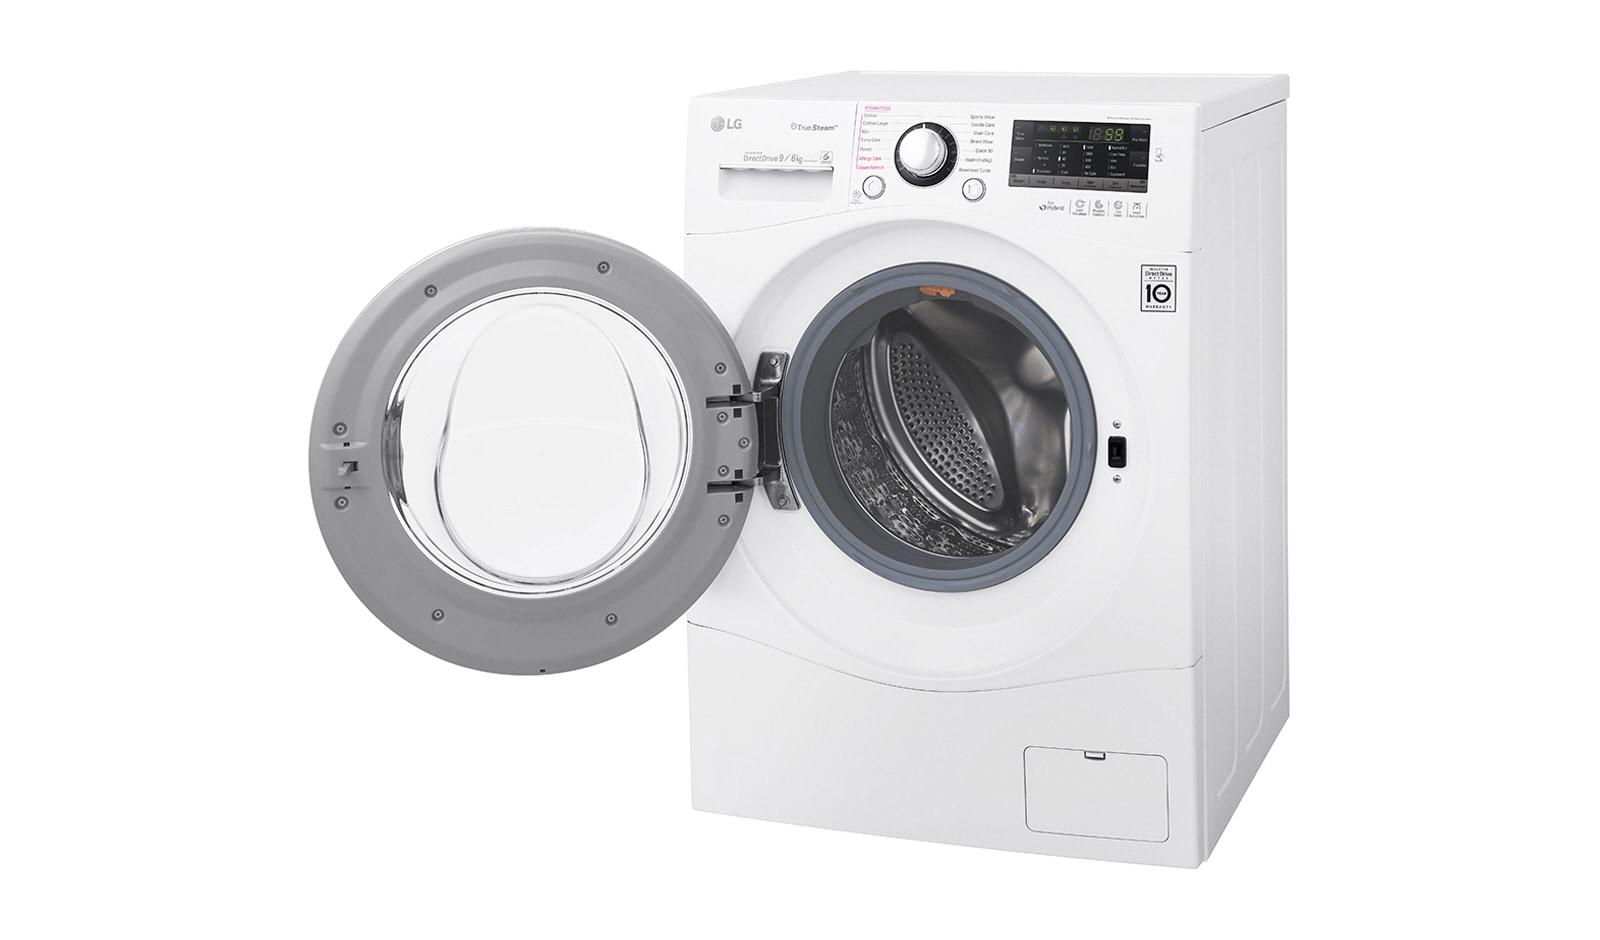 Lg 96kg 6 motion inverter direct drive washer dryer lg lg 96kg 6 motion inverter direct drive washer dryer lg electronics sg buycottarizona Images